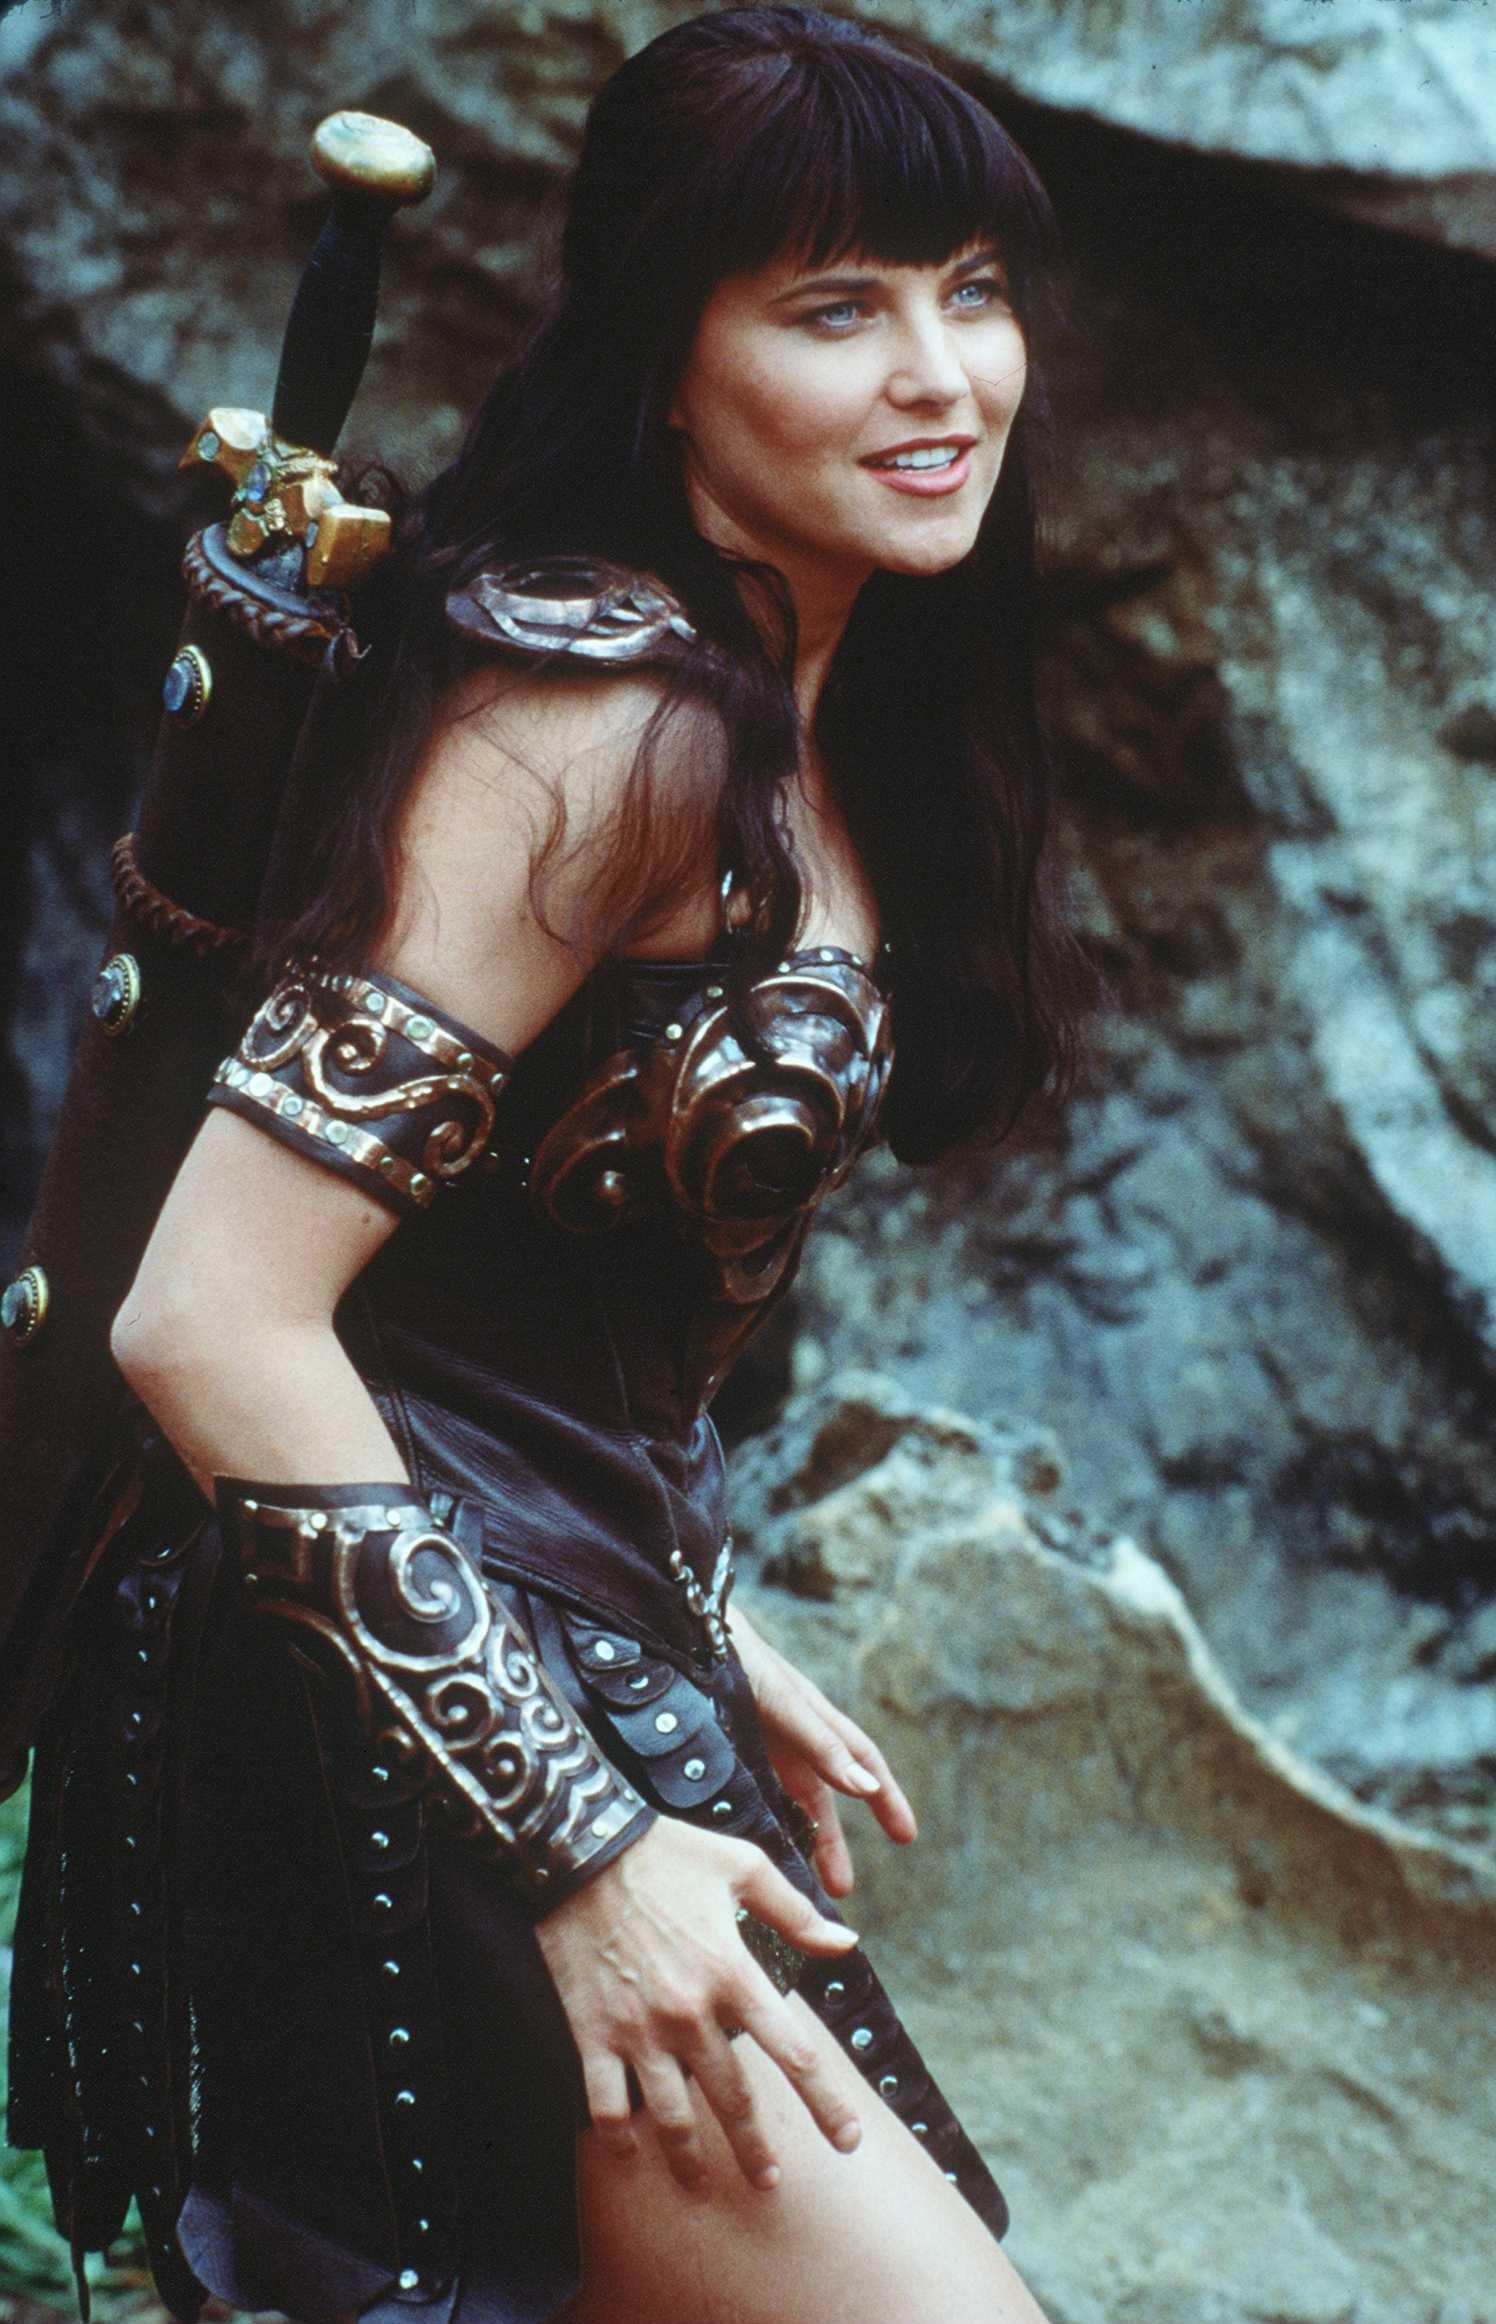 Warrior princess nackt erotic pictures